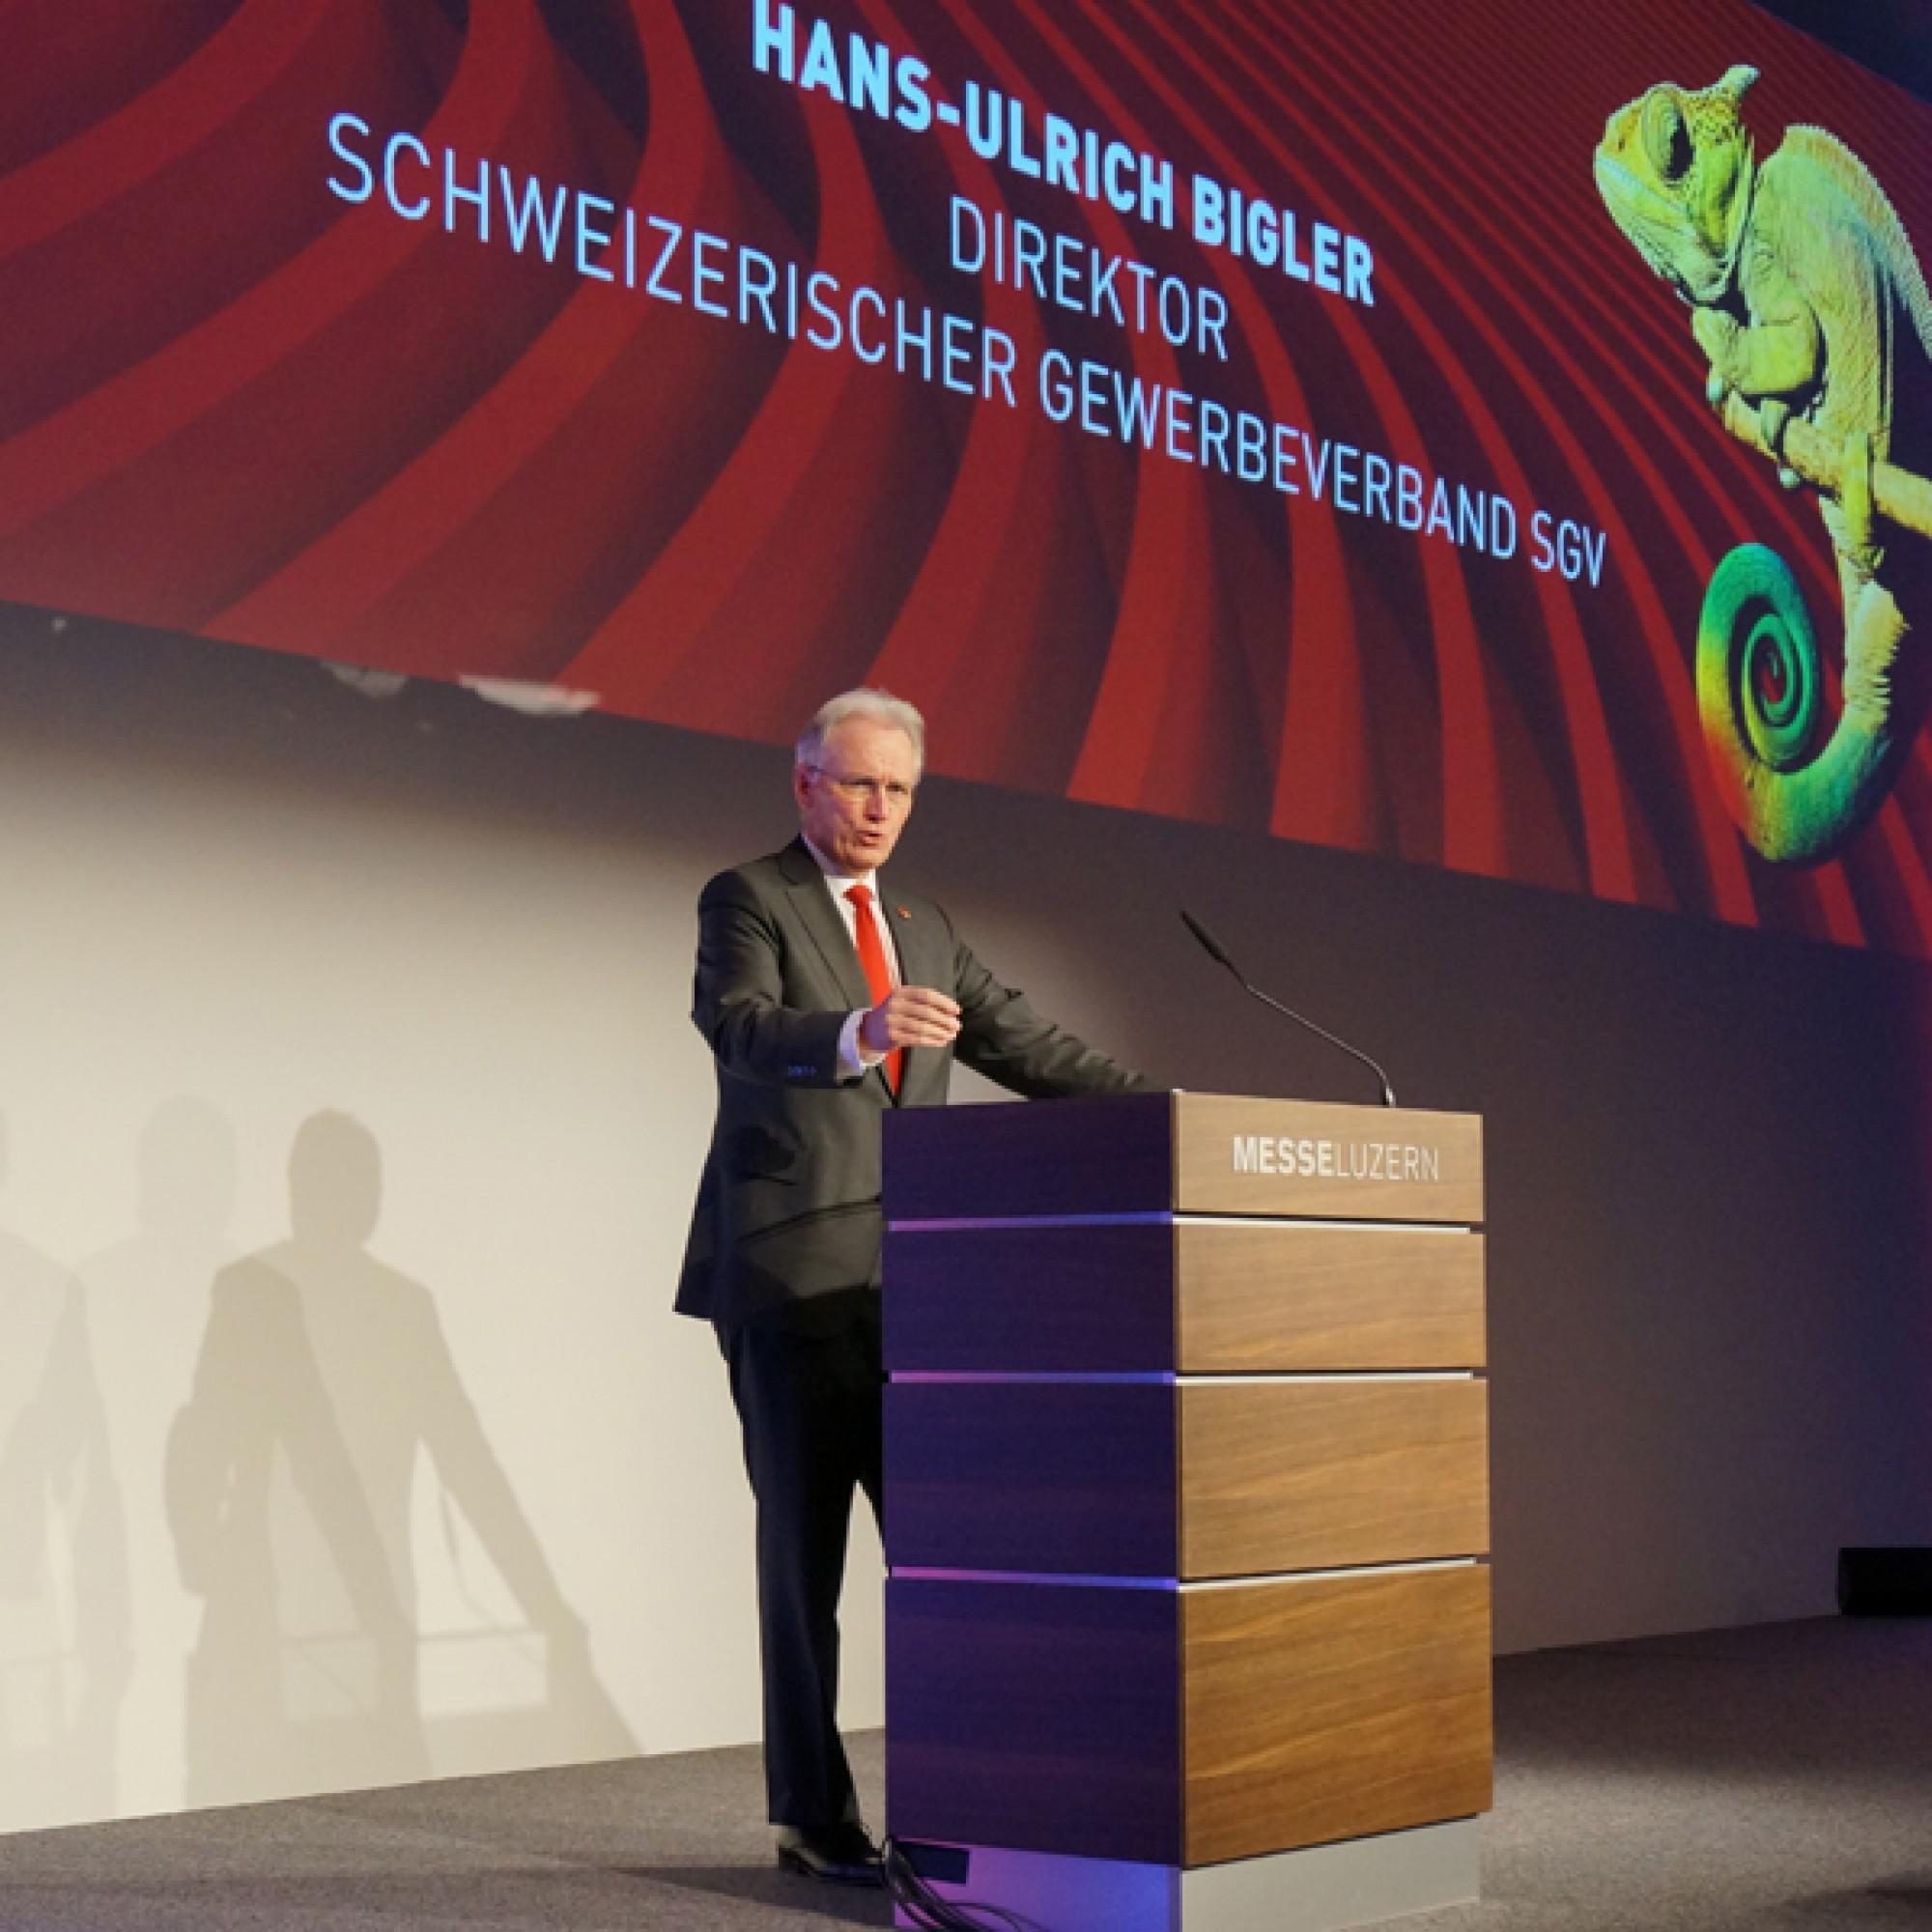 5799 Hans-Ulrich Bigler, Direktor des Schweizerischen Gewerbeverbands (SGV) .(Gabriel Diezi)